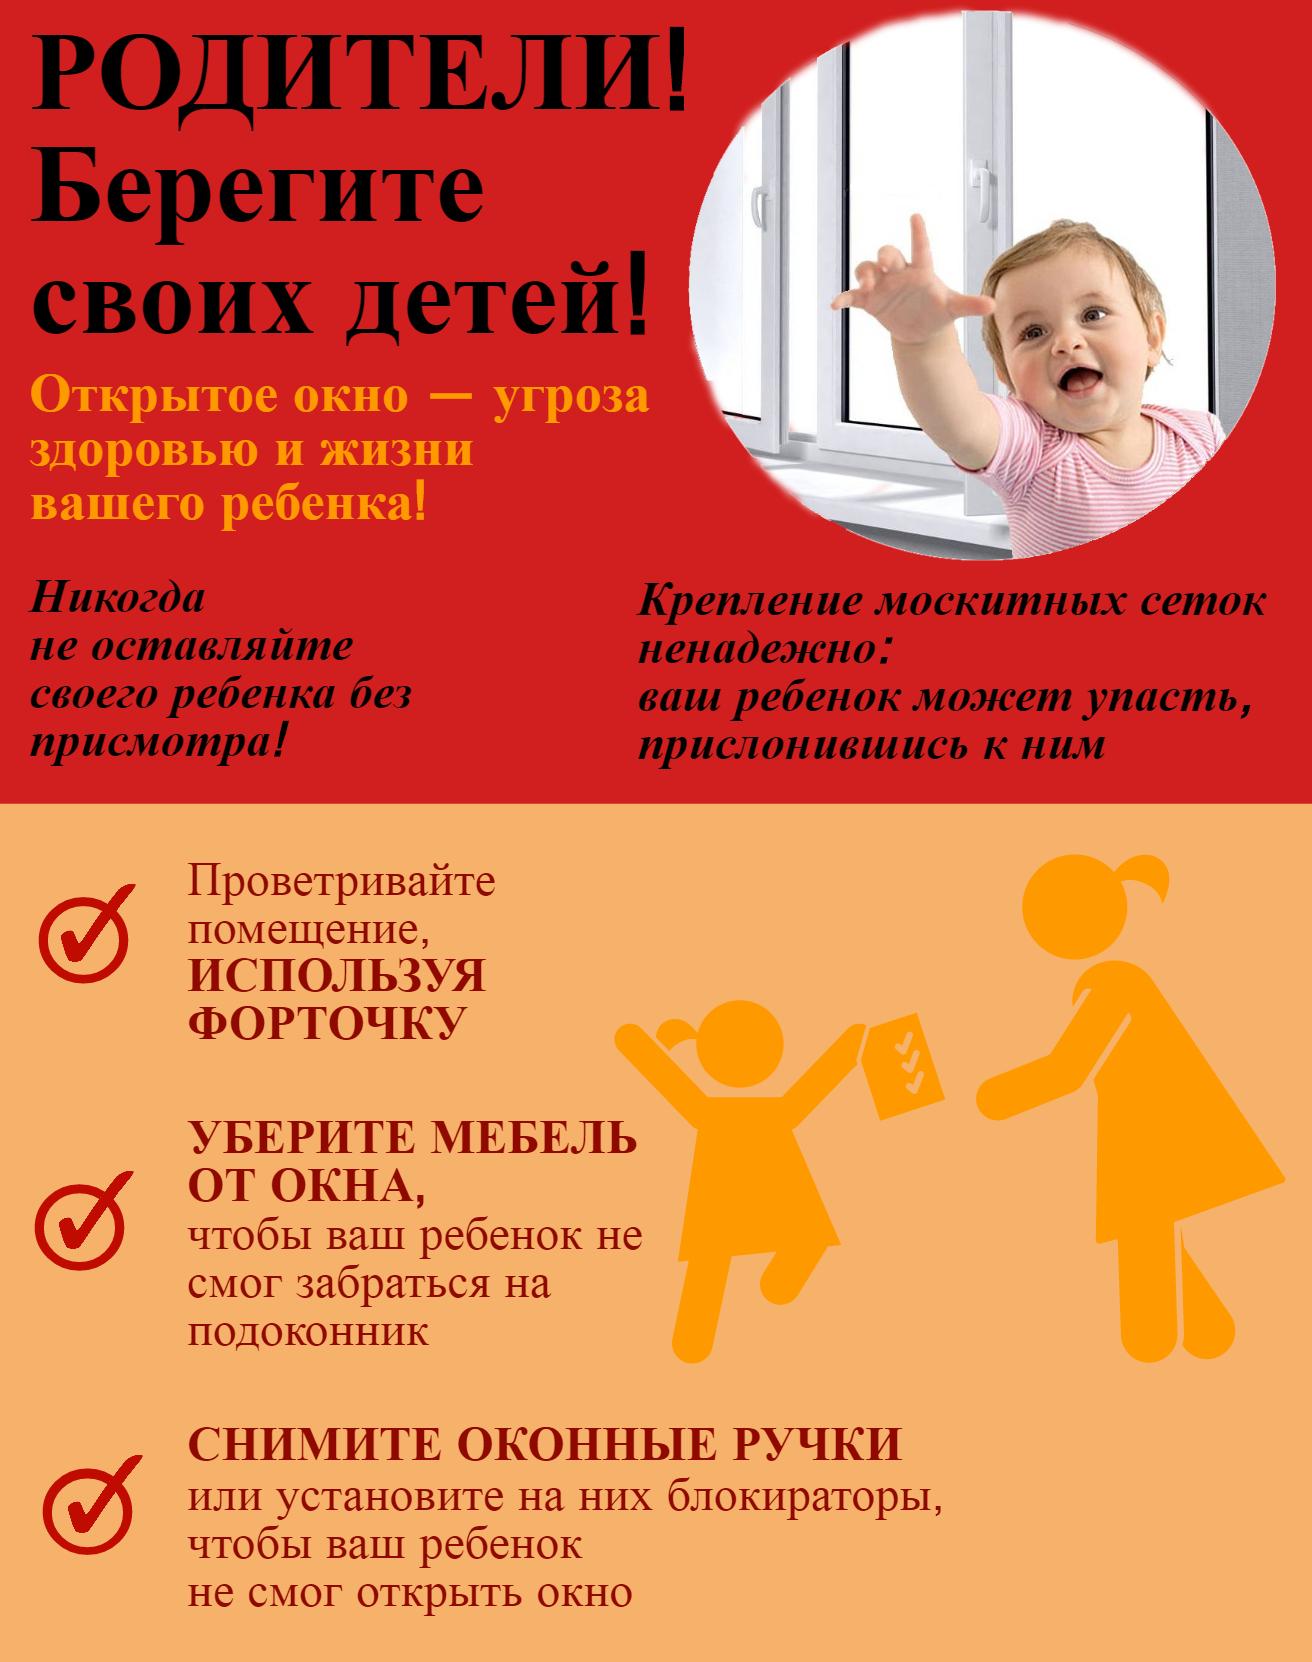 http://sovjkh.by/wp-content/uploads/2016/08/pamyatka.jpg